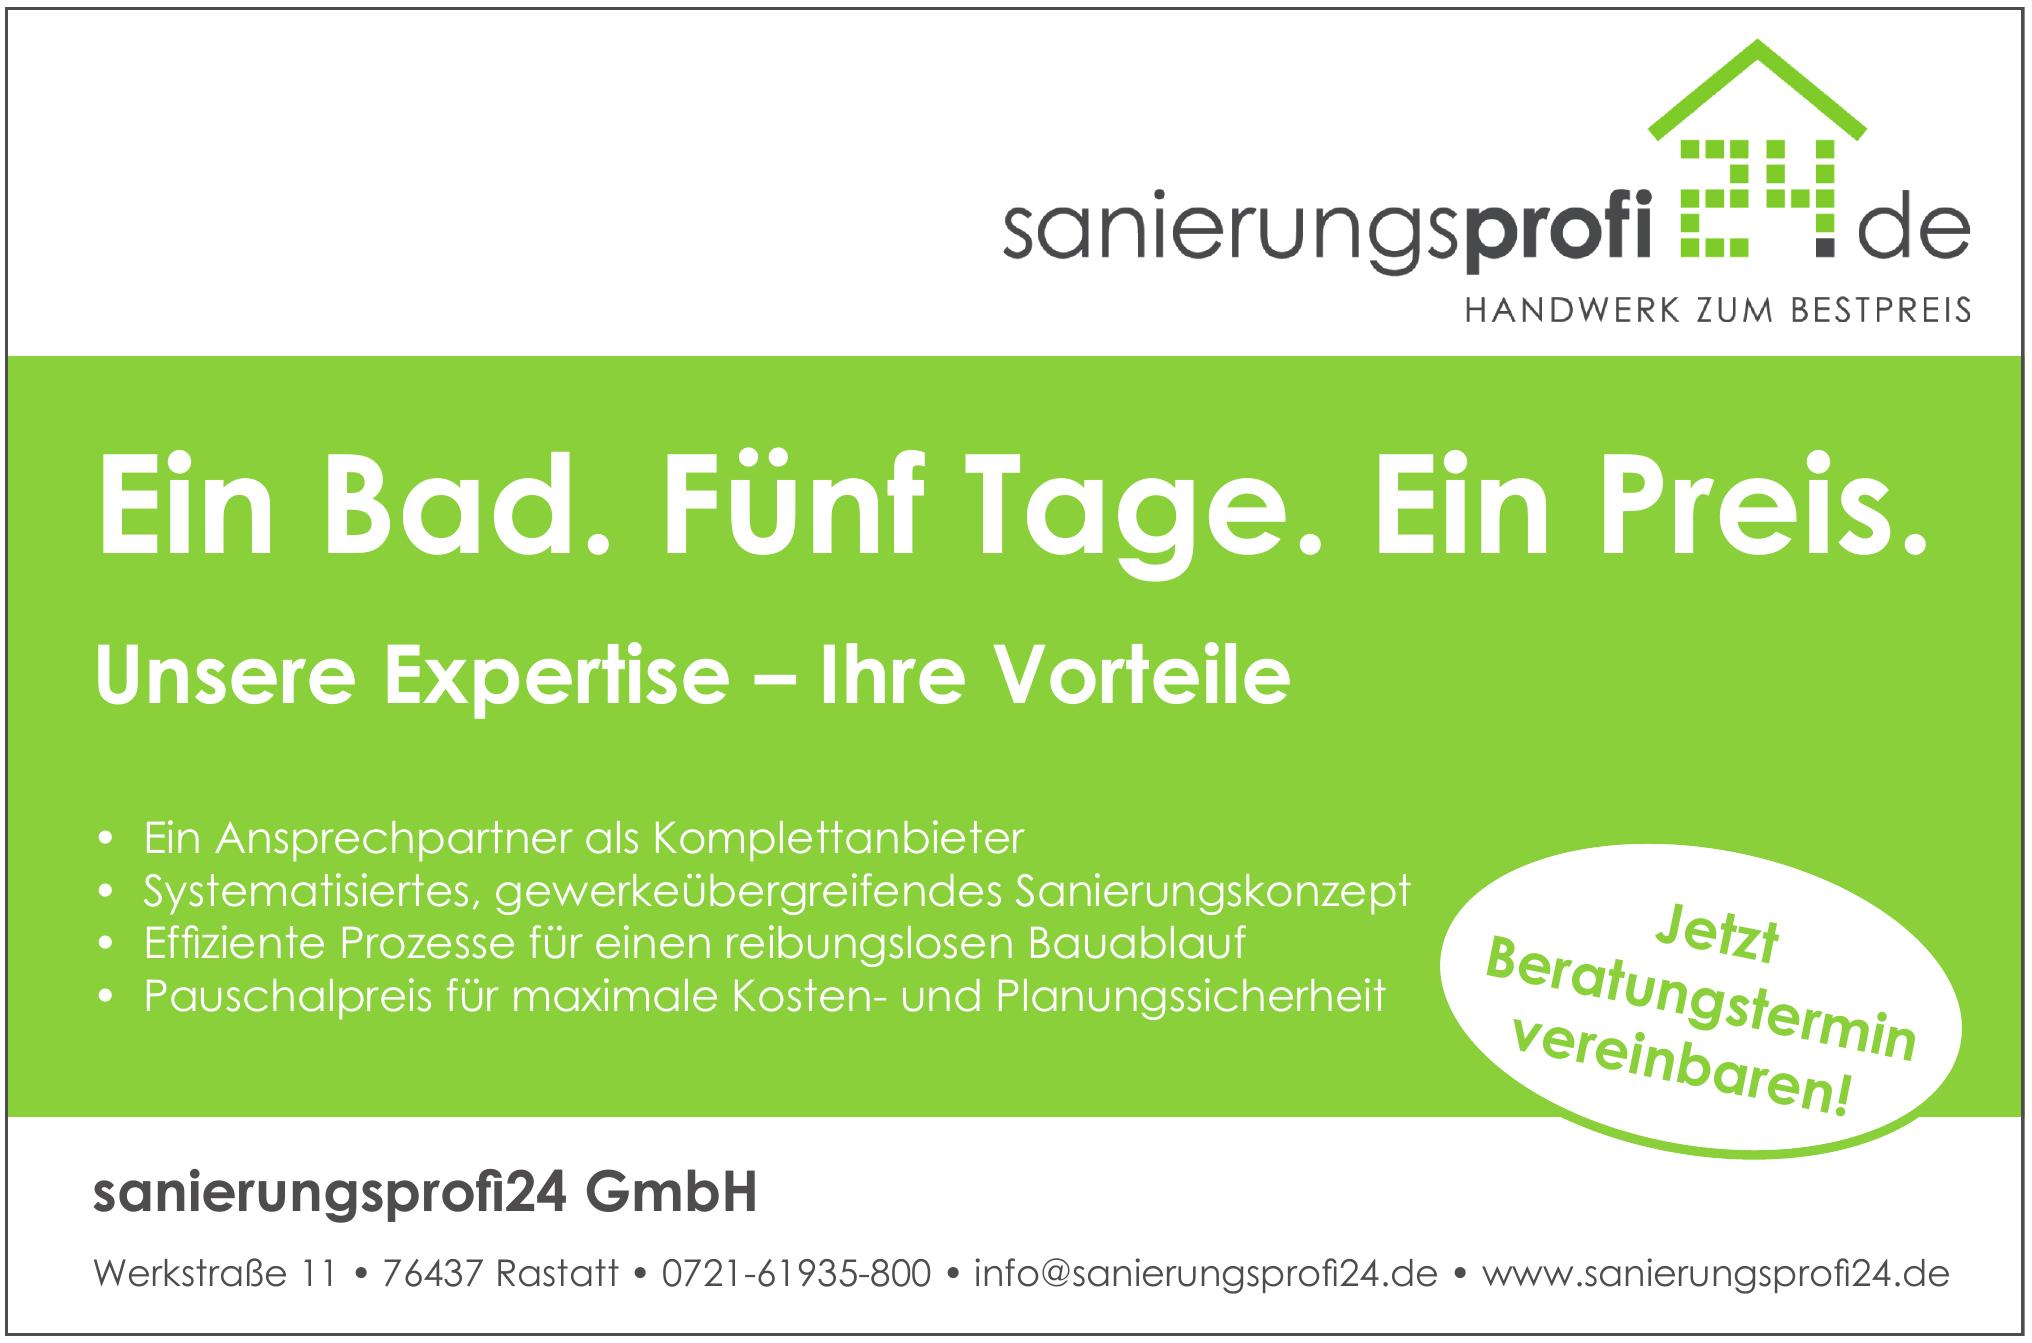 sanierungsprofi 24 GmbH